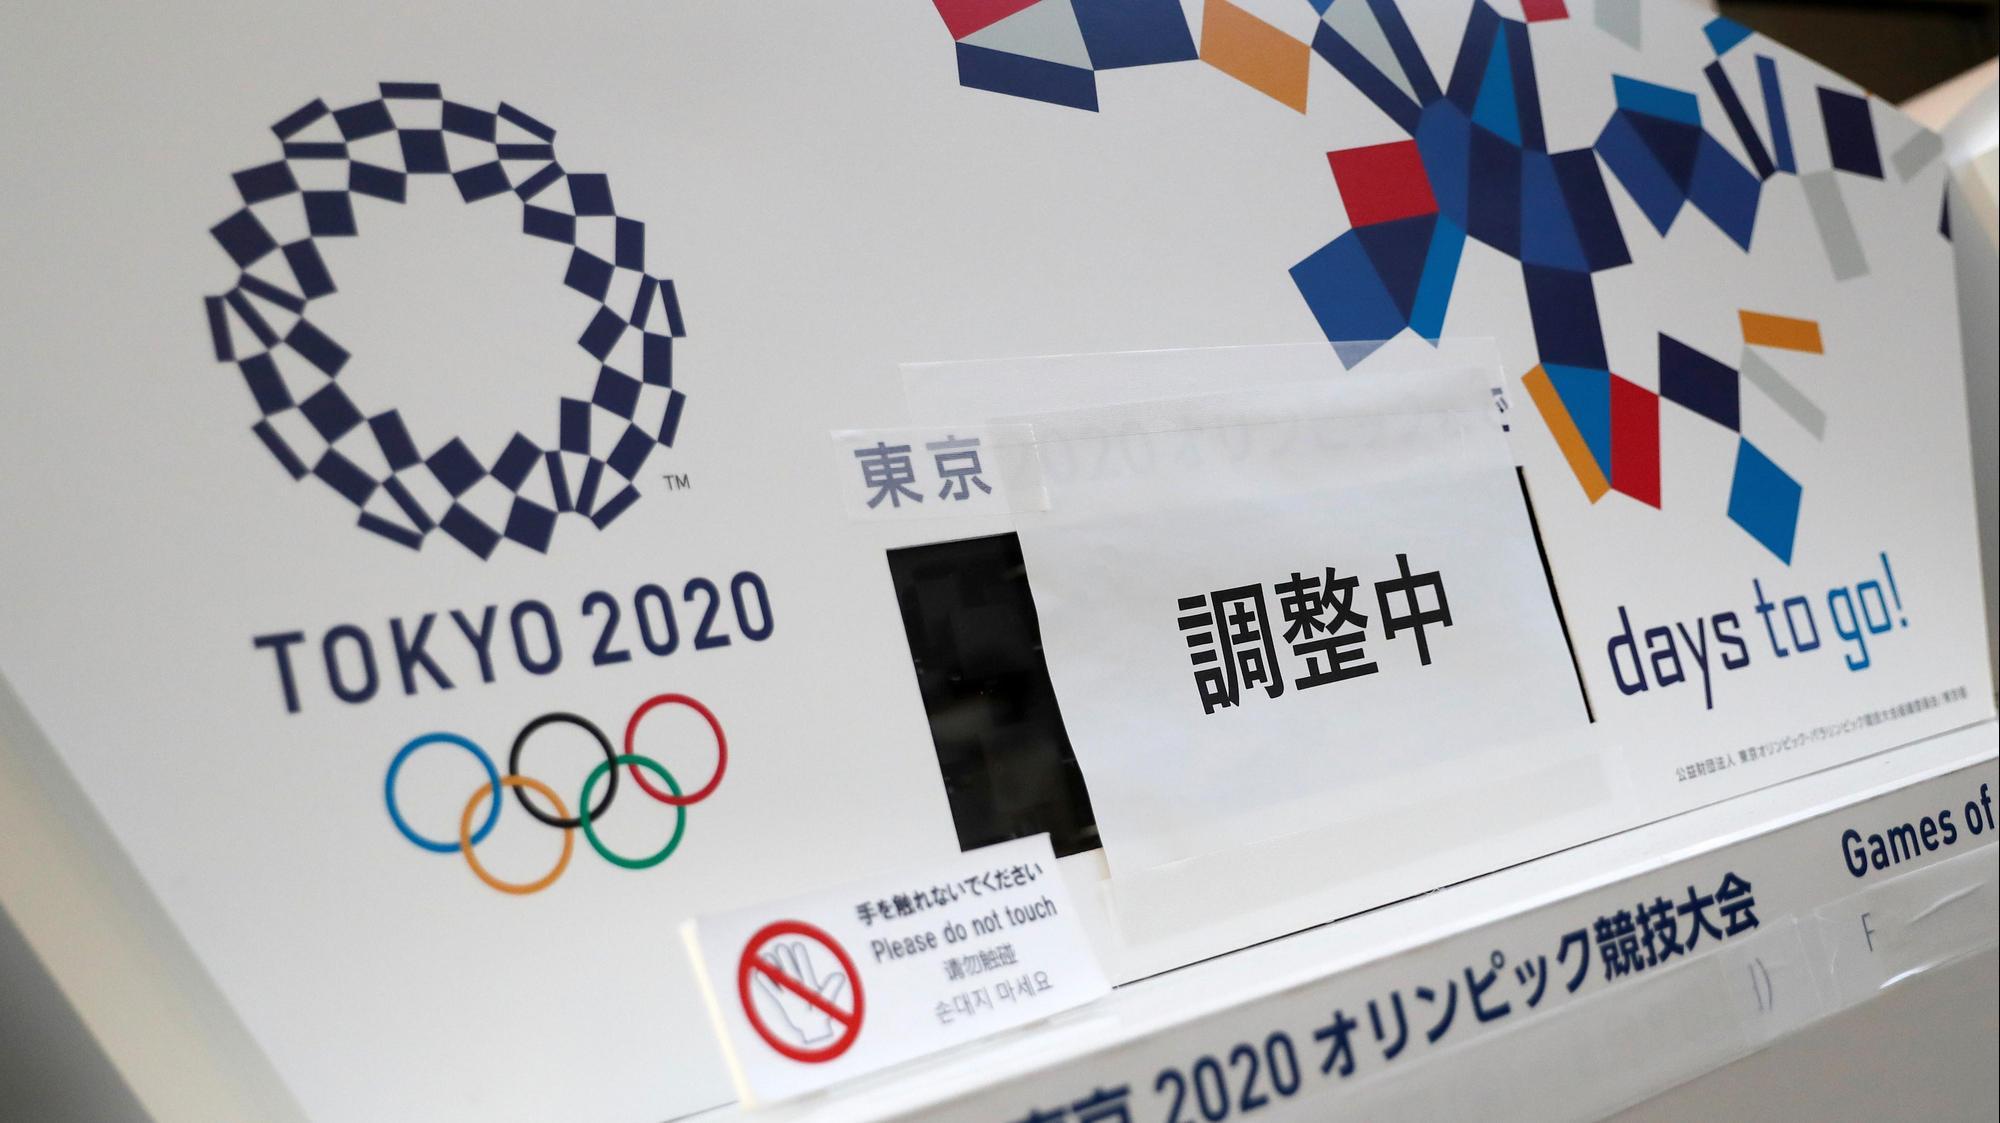 שעון העצר שסופר את הימים שנותרו עד לתחילת האולימפיאדה מכוסה בעקבות הדחיה, טוקיו, יפן 24 במרץ 2020. רויטרס